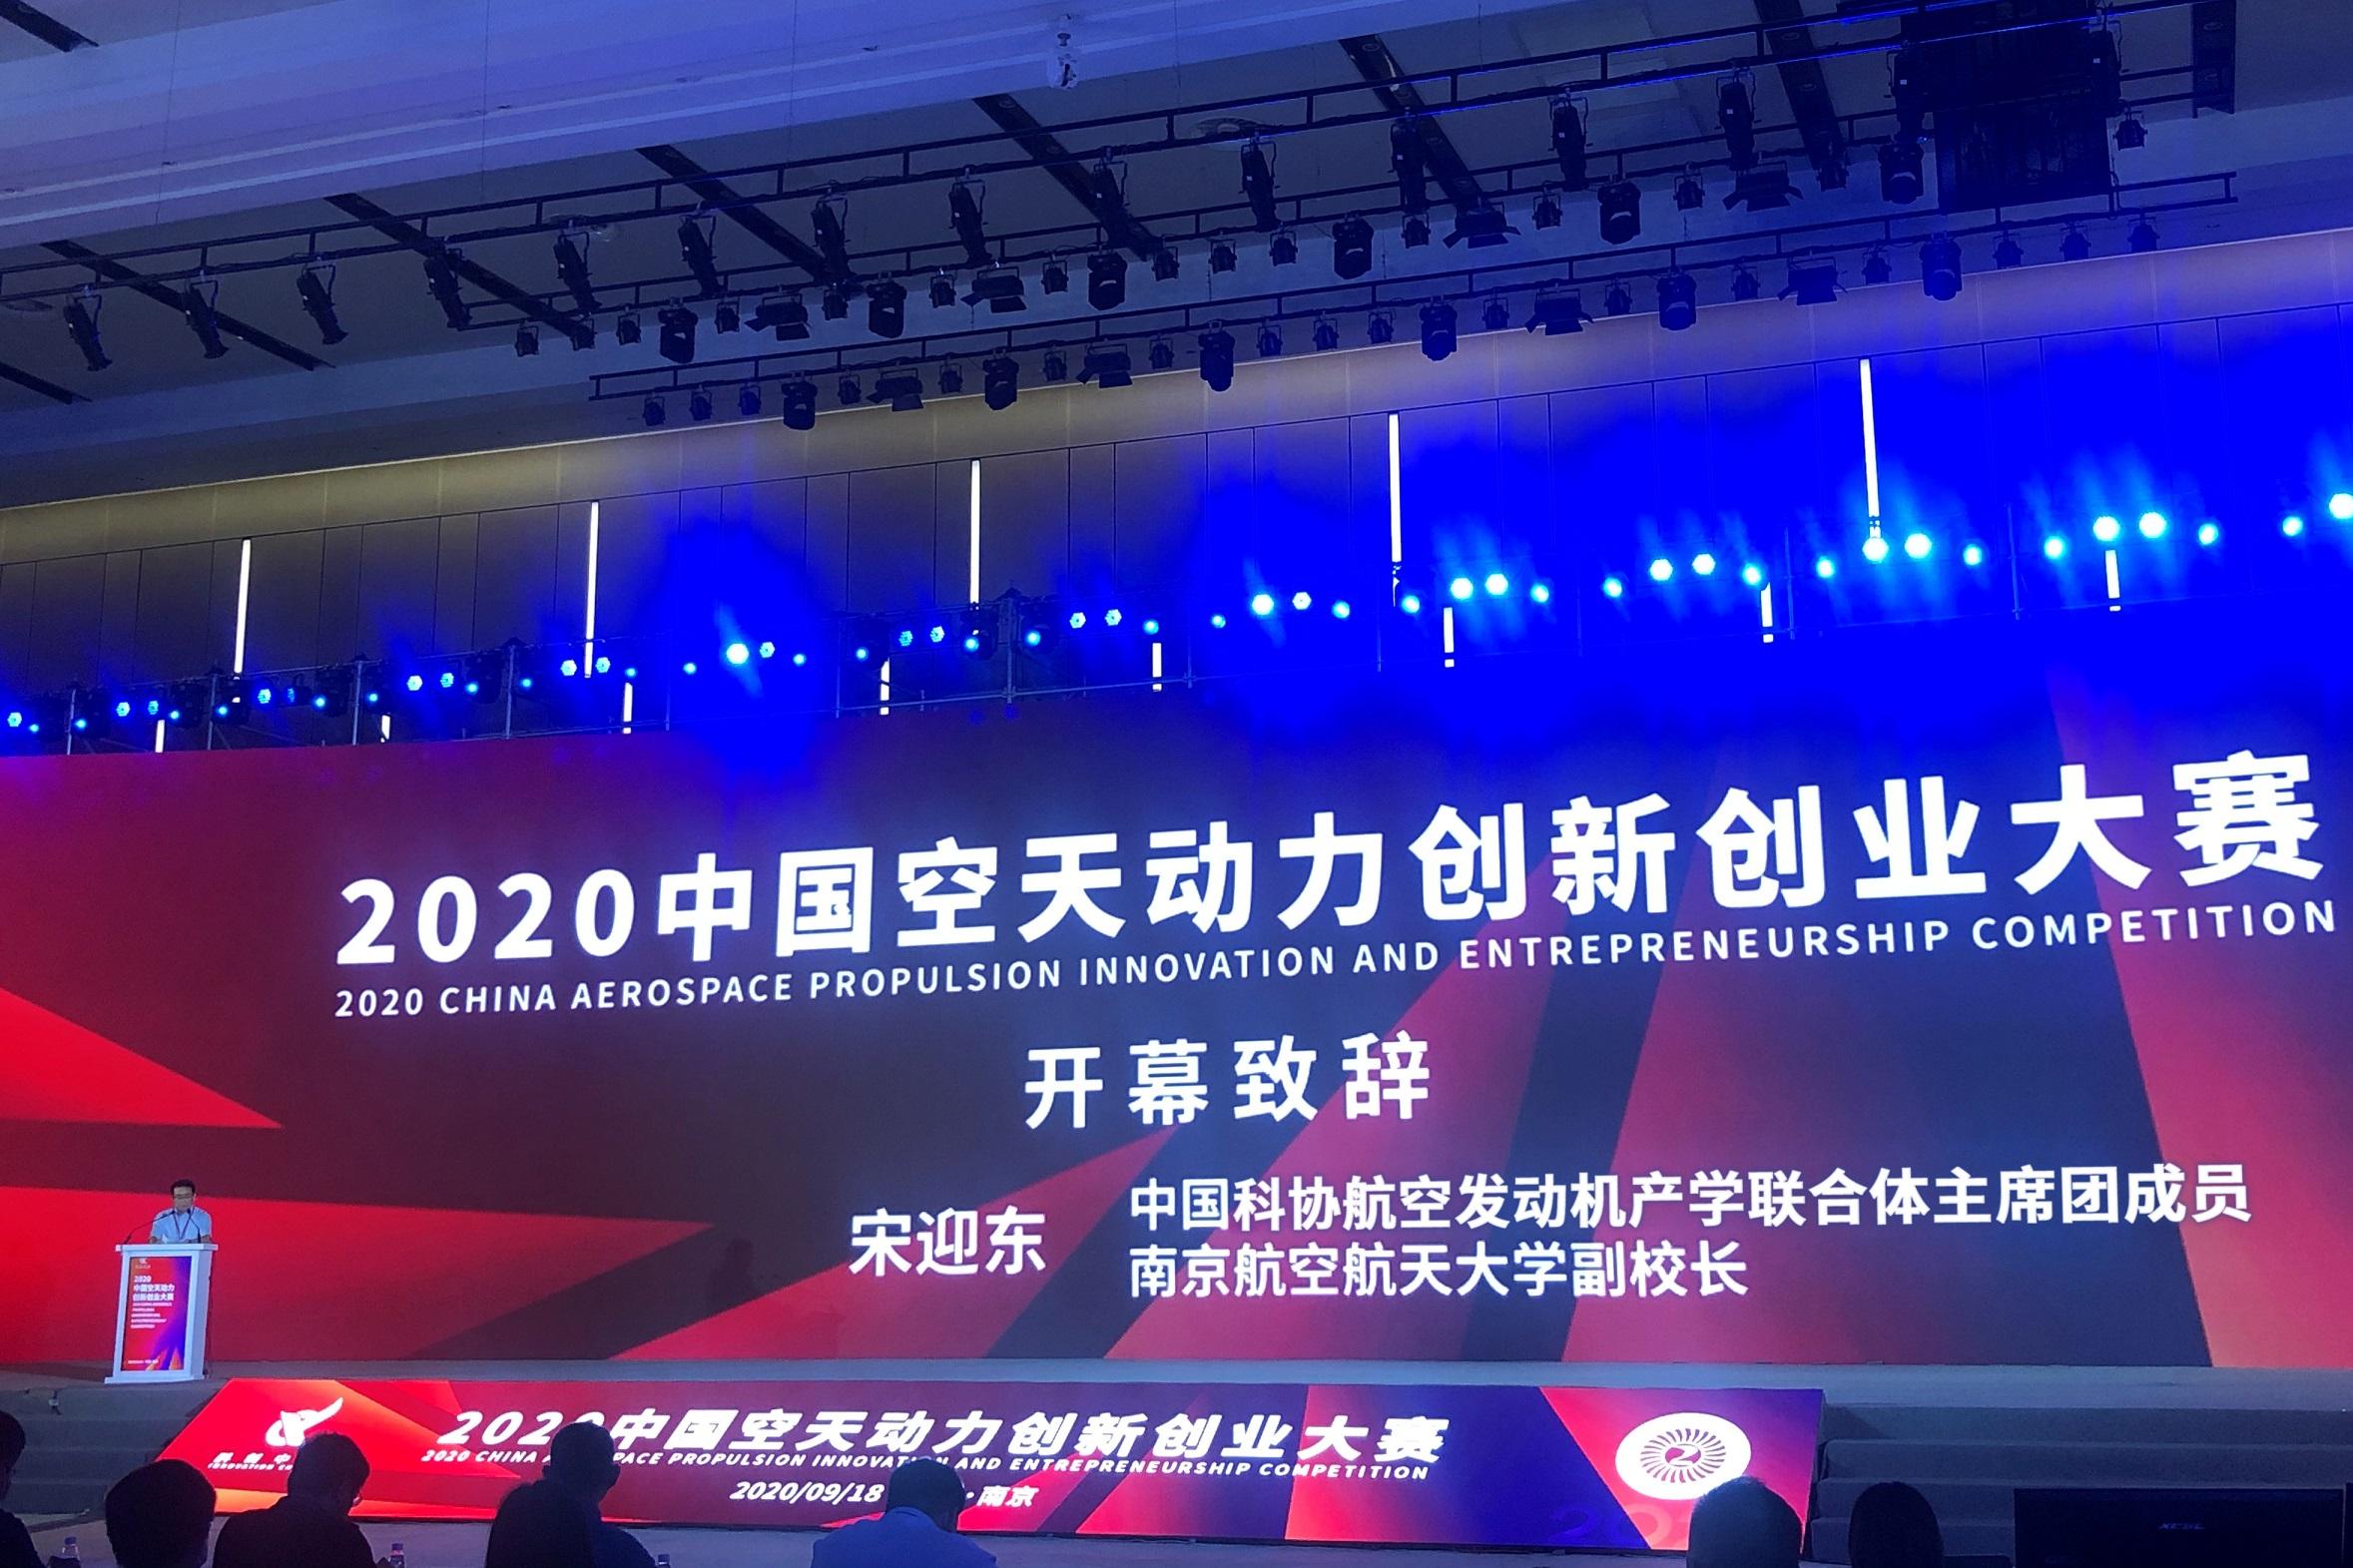 S10竞猜网站-PT招财进宝-首届中国空天动力创新创业大赛决赛在南京举行